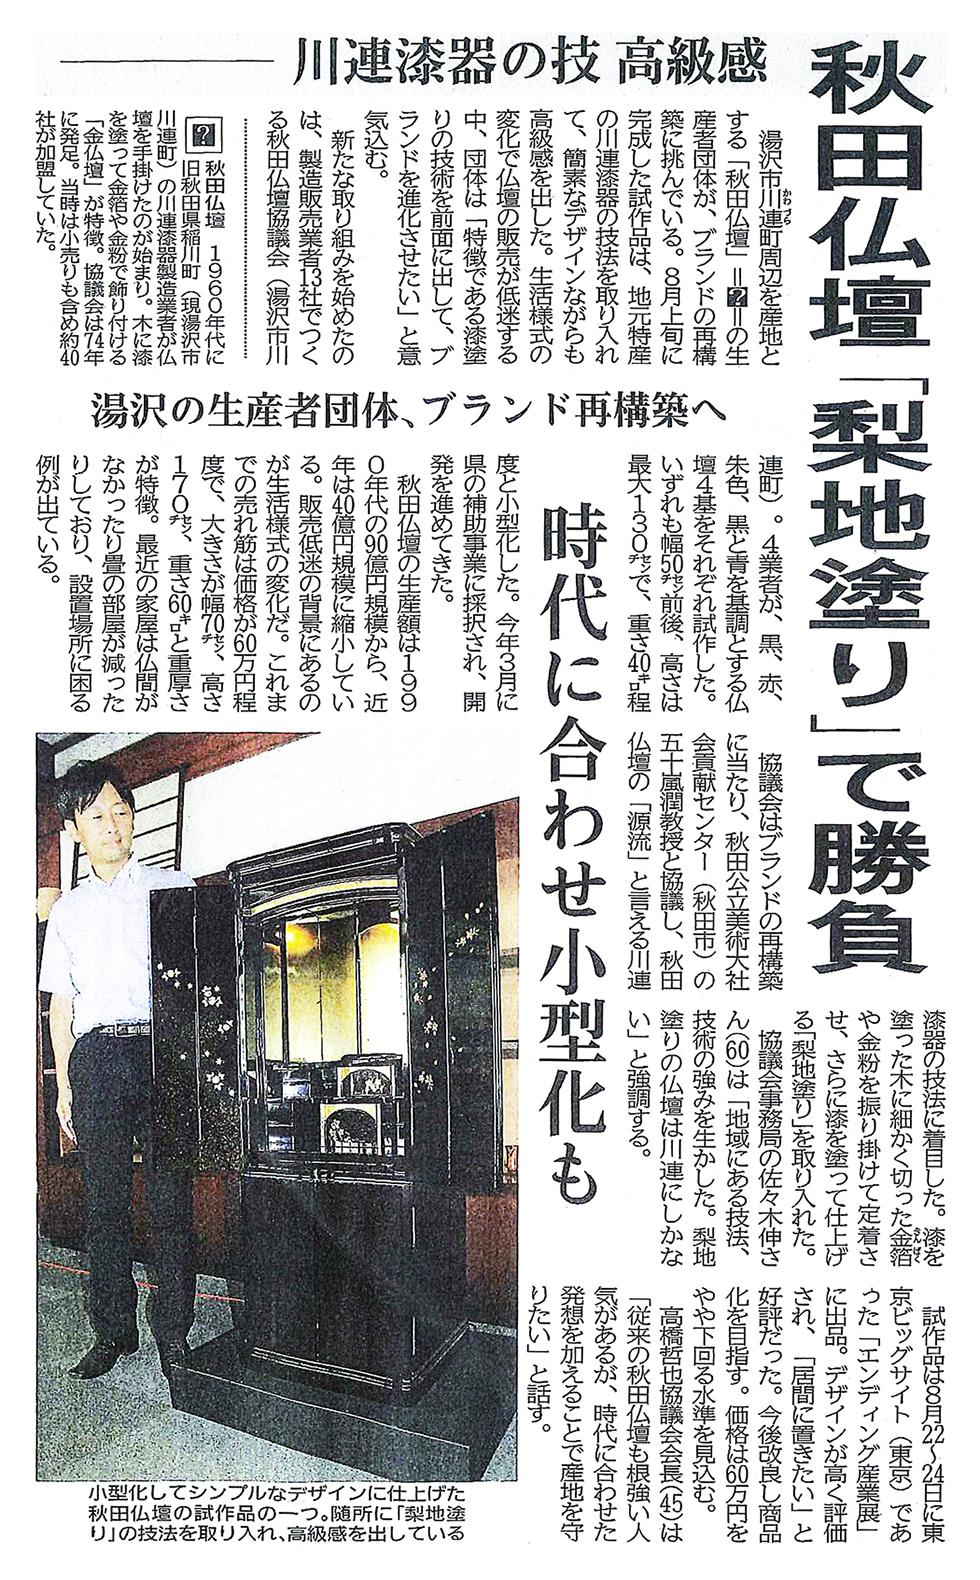 nashiji_kiji